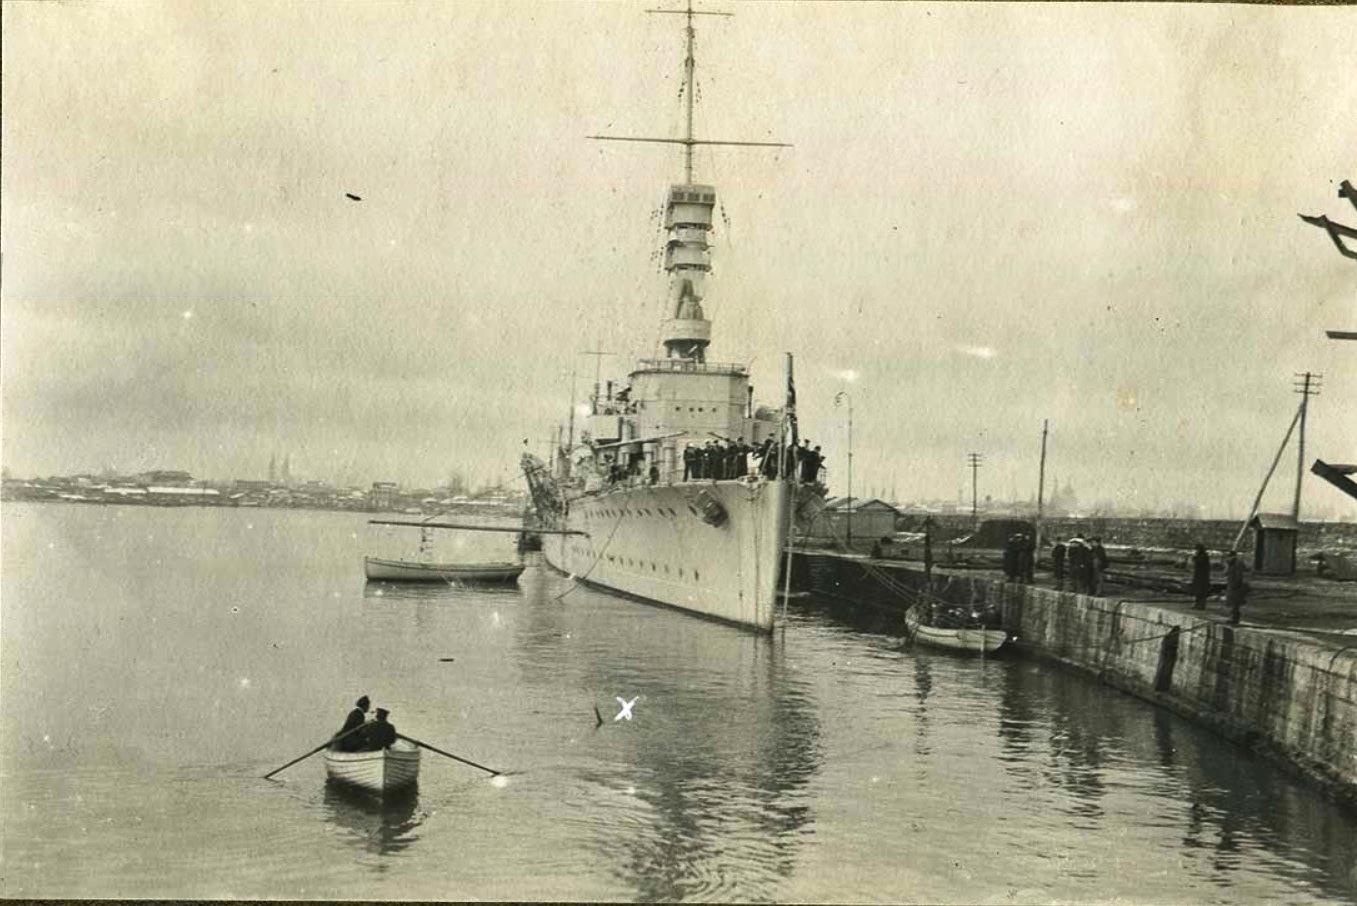 Операция по подъёму баржи силами экипажа 'Калипсо', крестиком отмечена трубка воздуховода